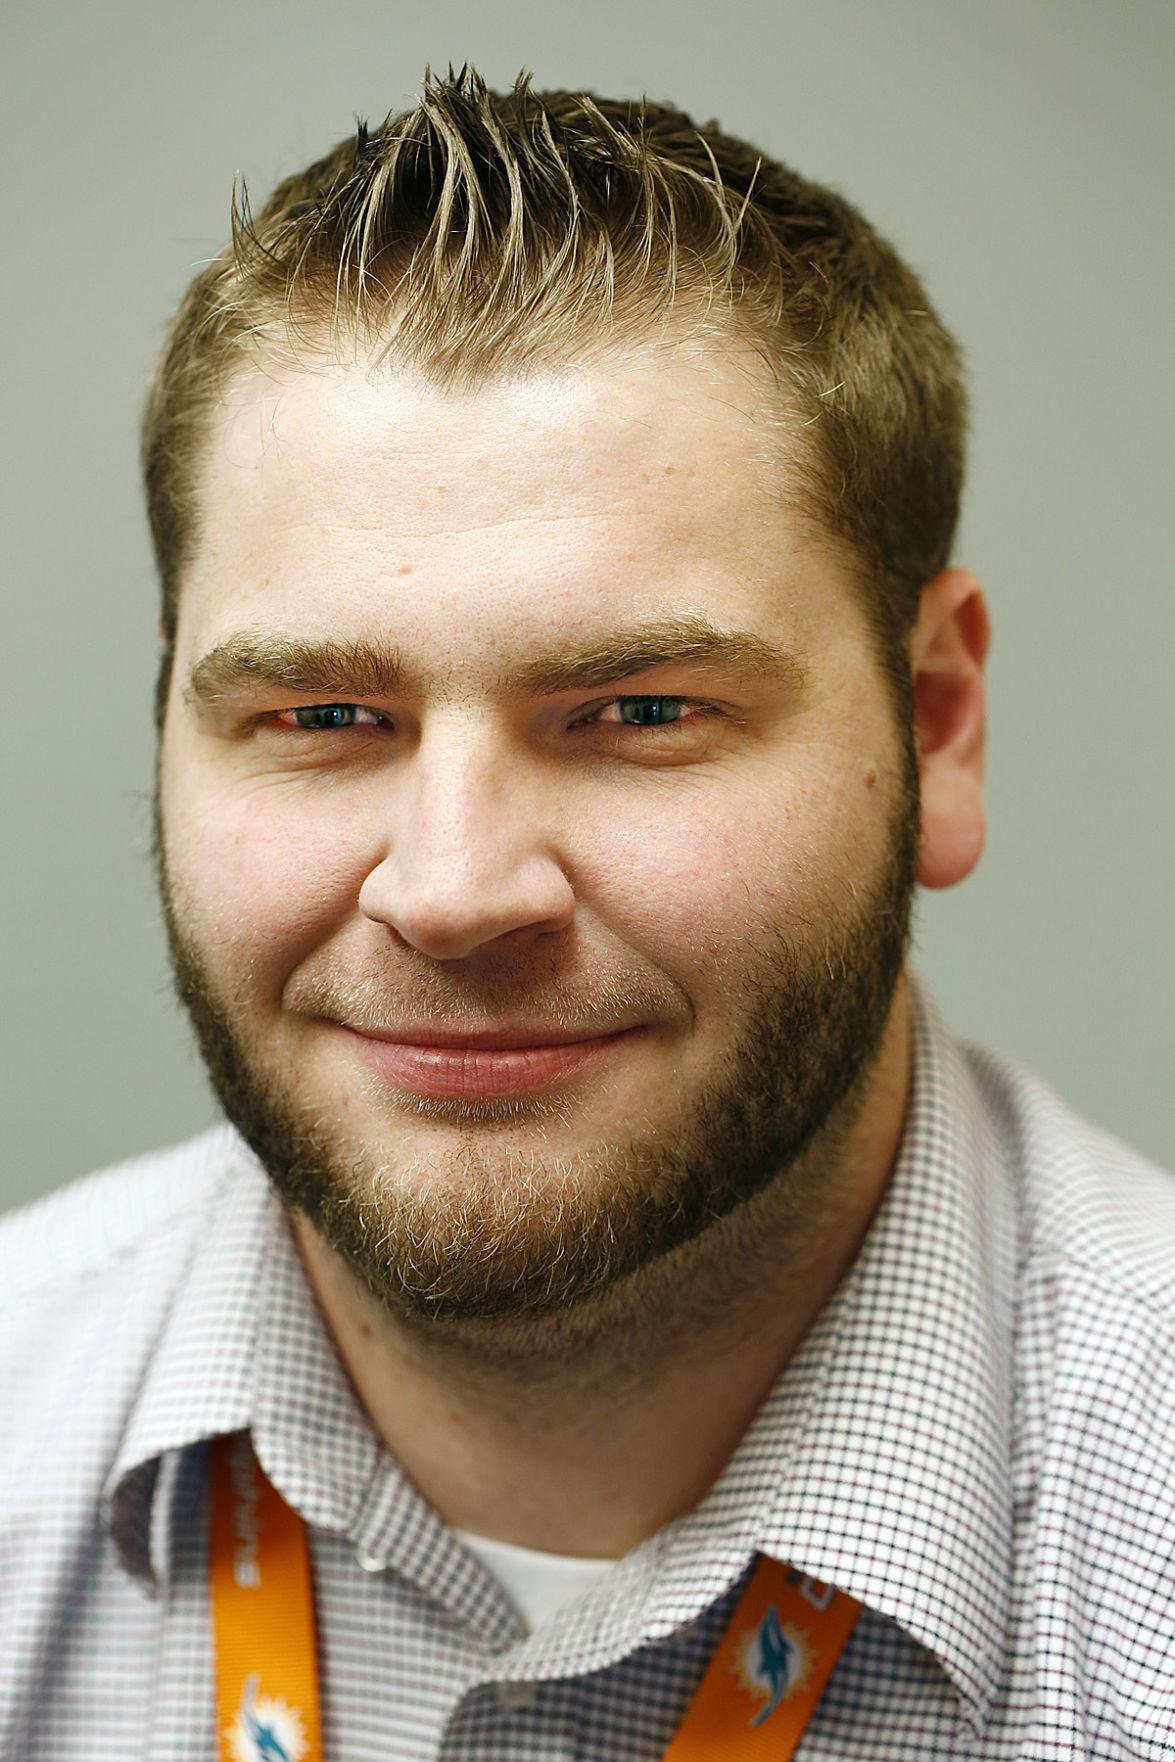 Adam Kuiken